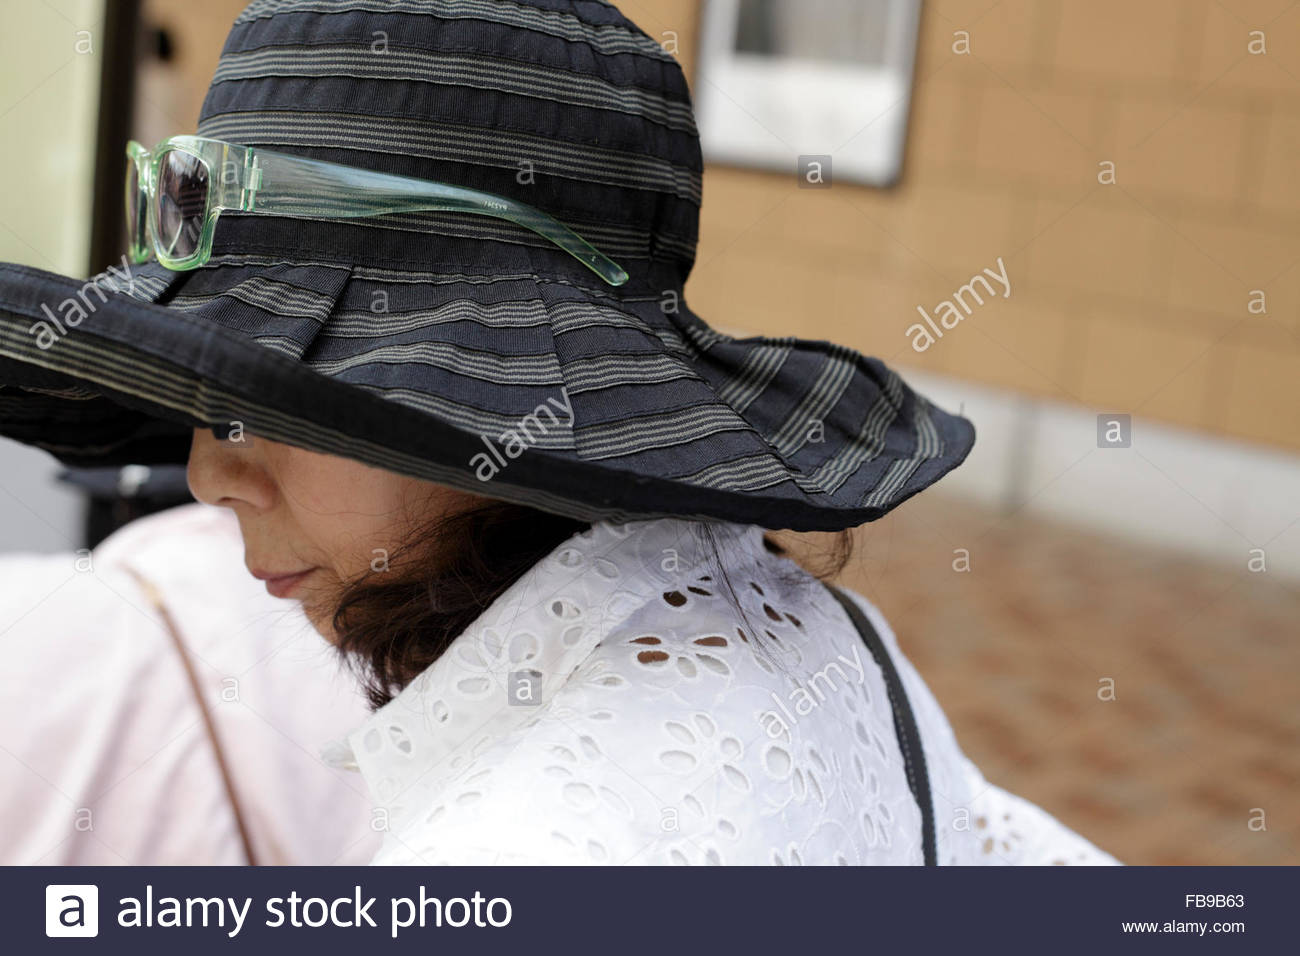 Large Brim Hat Imágenes De Stock   Large Brim Hat Fotos De Stock - Alamy 2ef488c01412